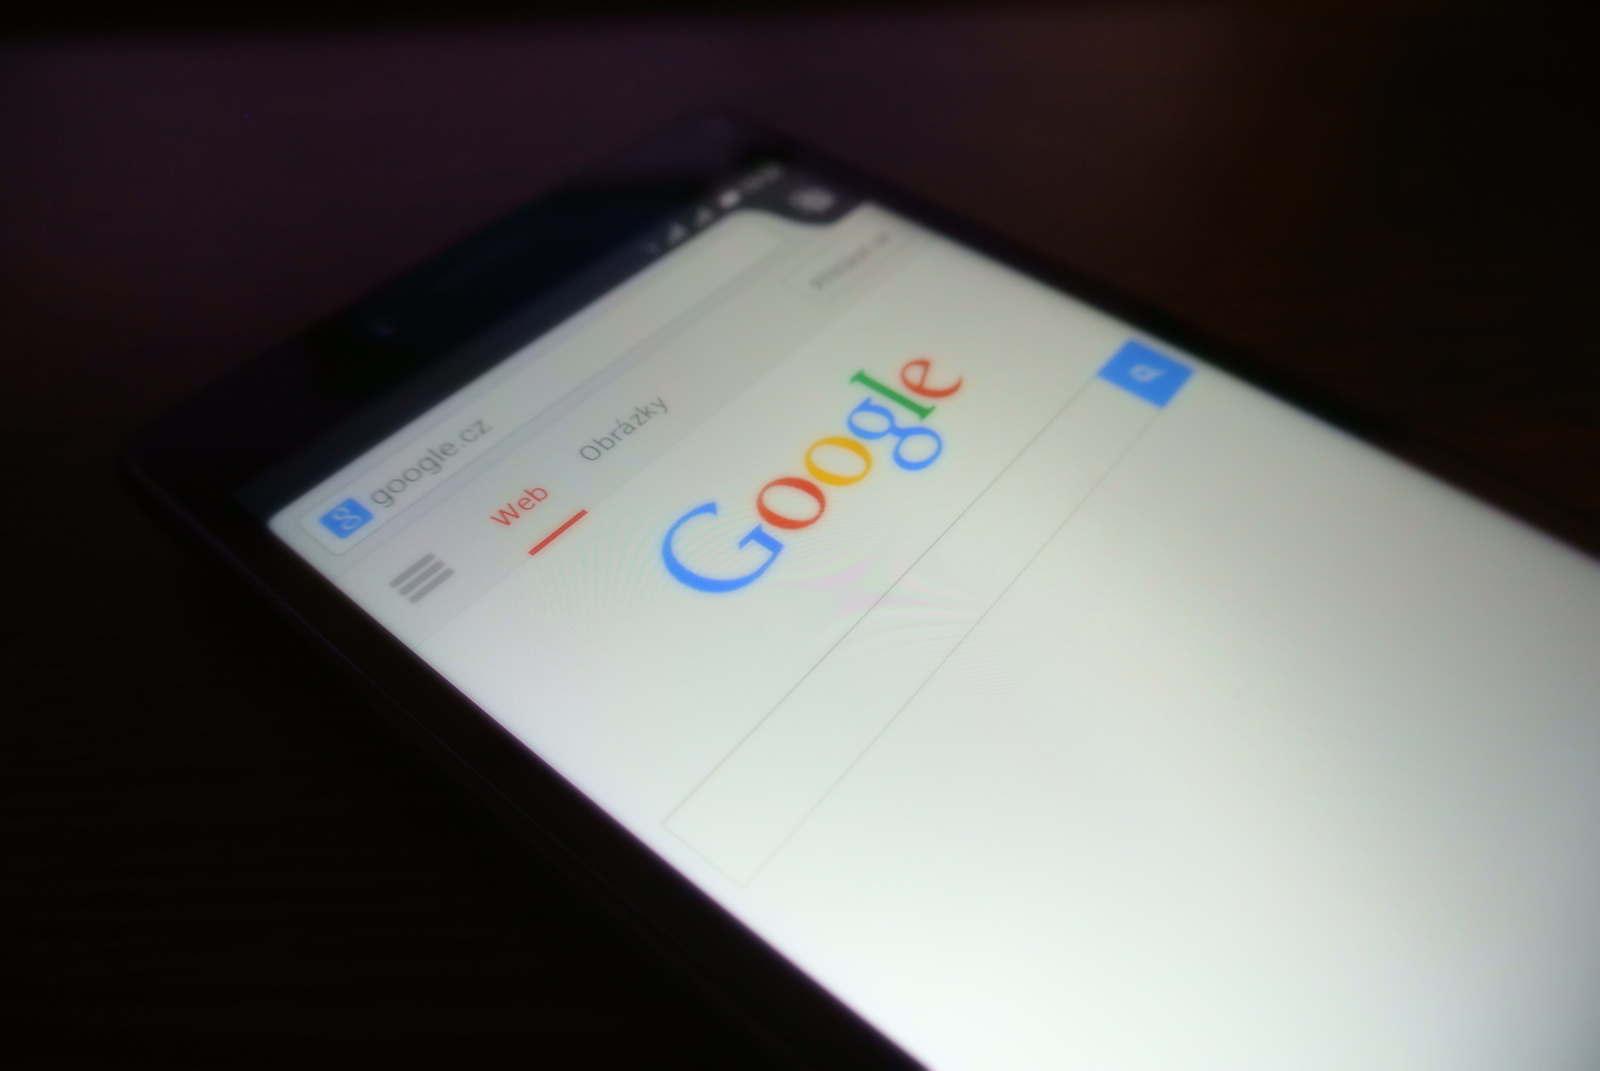 Již v 10 zemích převládá mobilní vyhledávání nad desktopovým